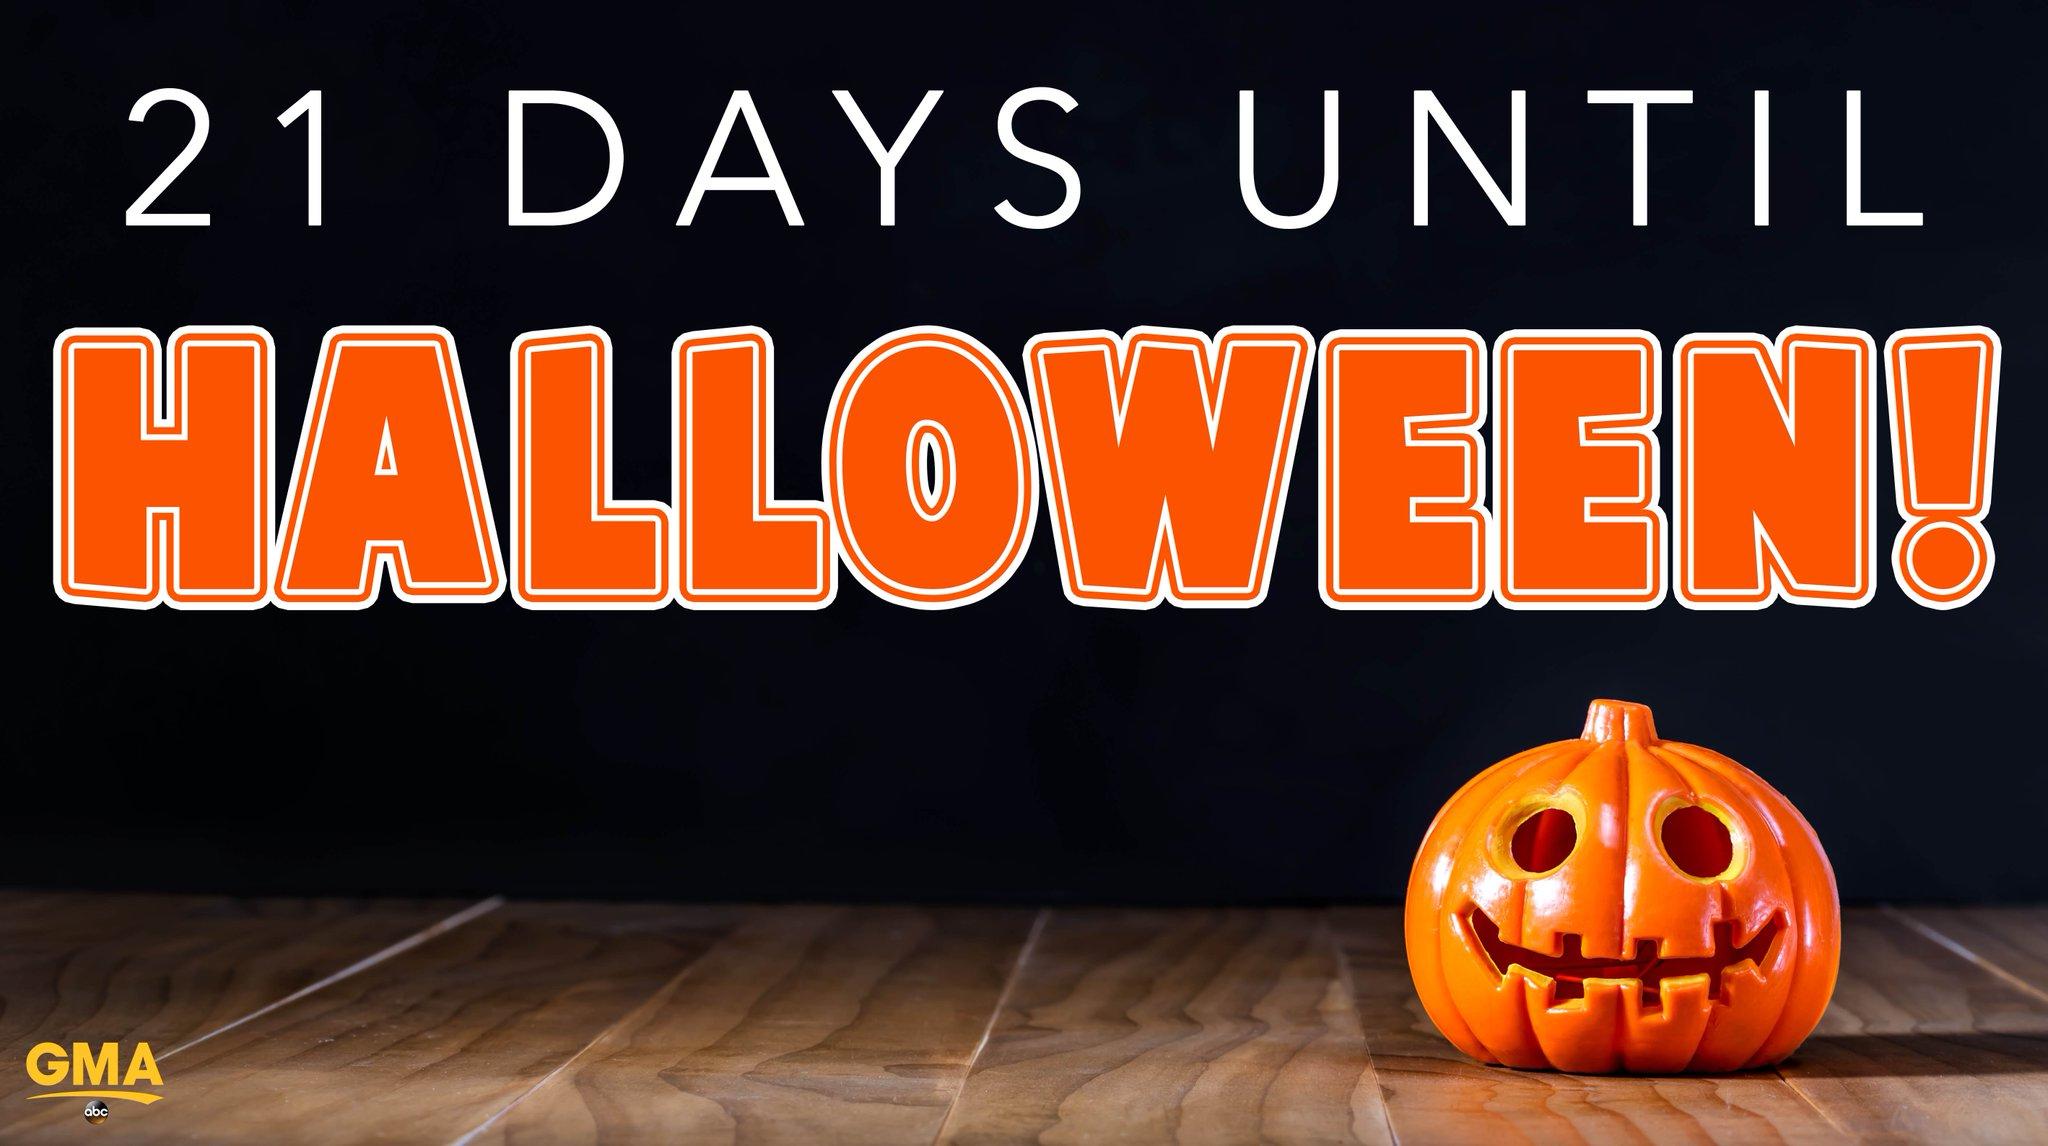 21 days until Halloween! �� https://t.co/oifKHdnXFx